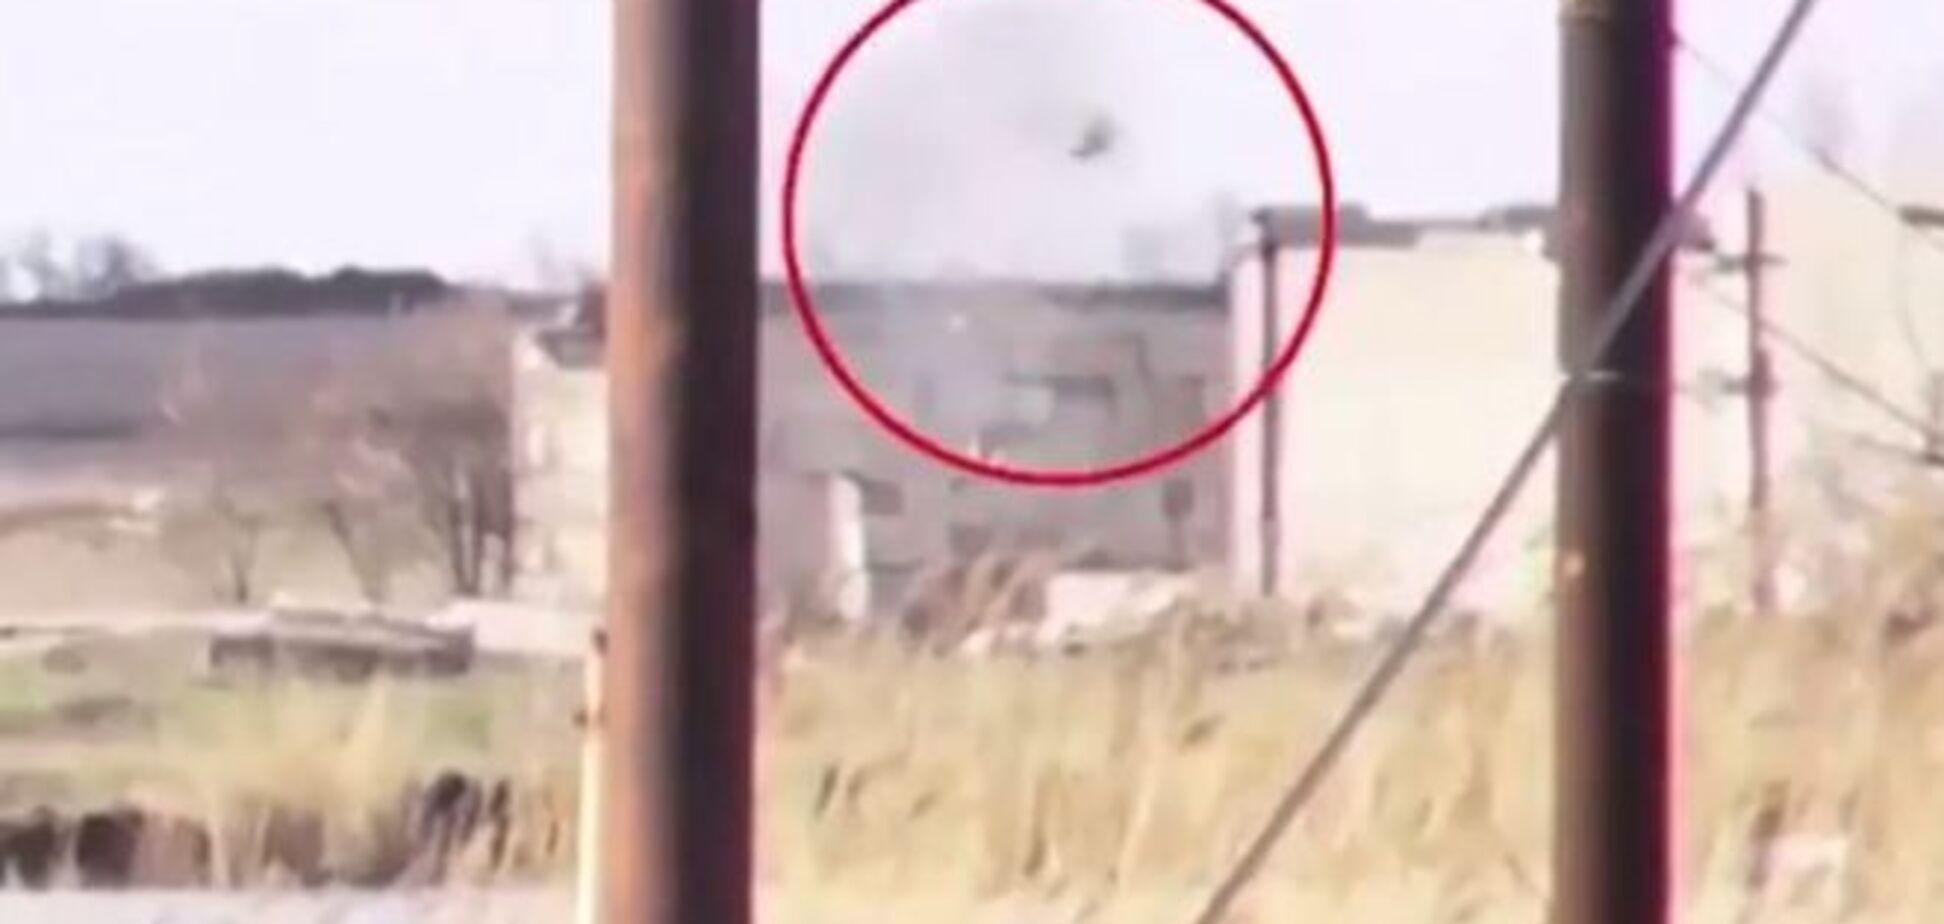 Пряме попадання! Терористи зняли на відео 'приліт' снаряда від бійців АТО